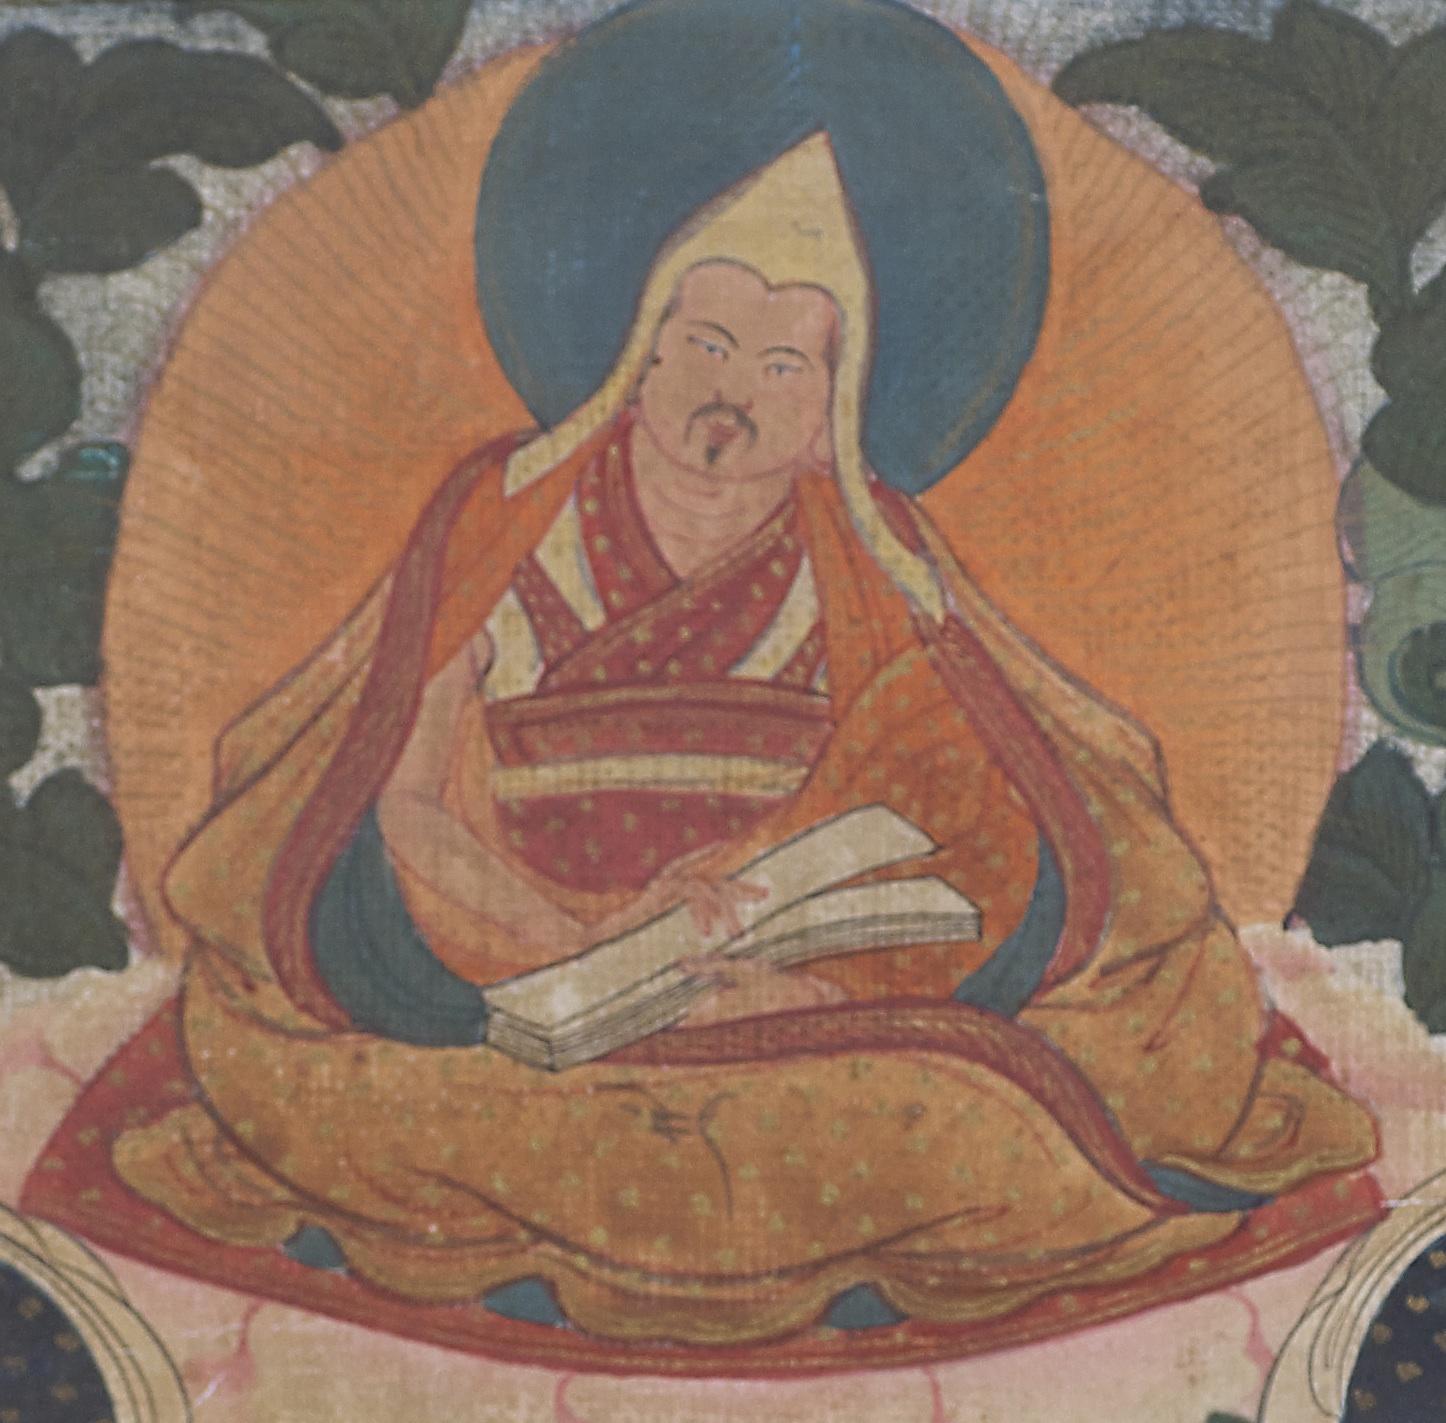 The Eighth Dalai Lama - Jampel Gyatso